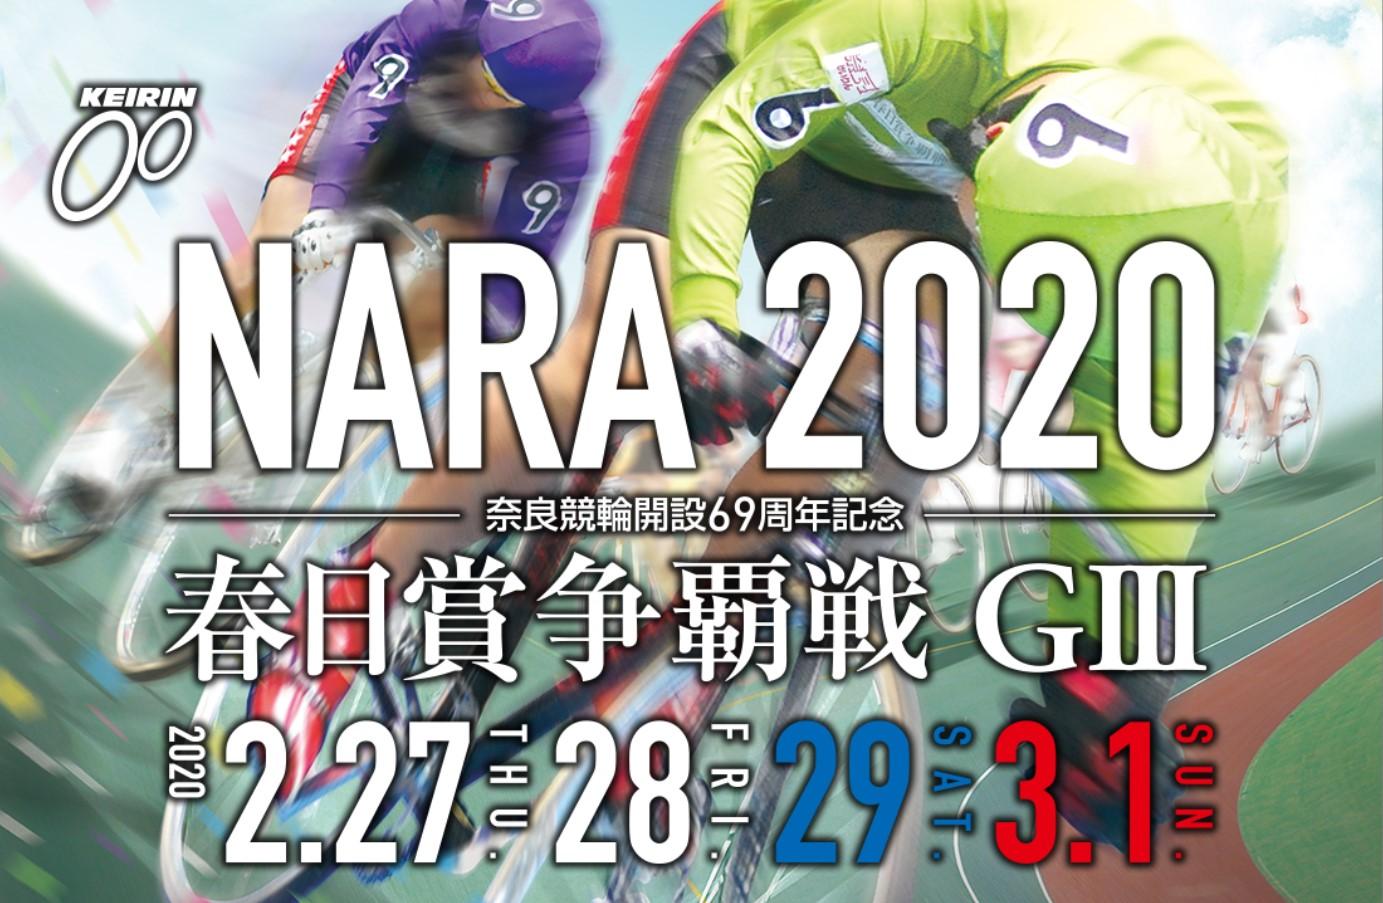 2020年 奈良競輪開設69周年記念春日賞争覇戦(G3)の特徴